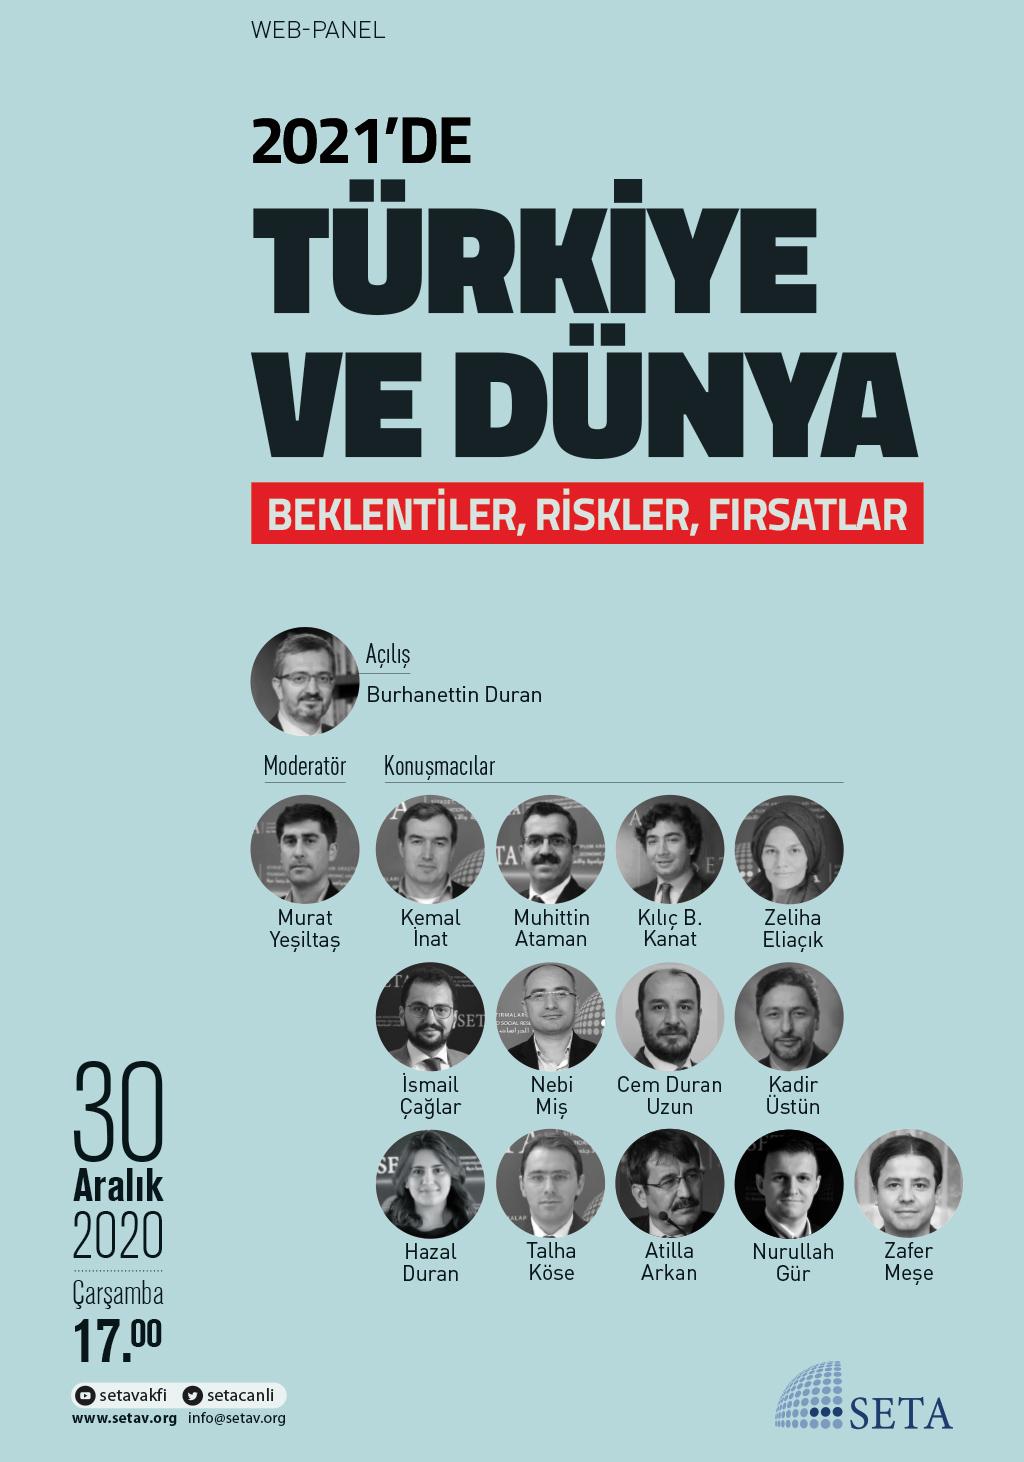 Web Panel: 2021'de Türkiye ve Dünya    Beklentiler, Riskler, Fırsatlar